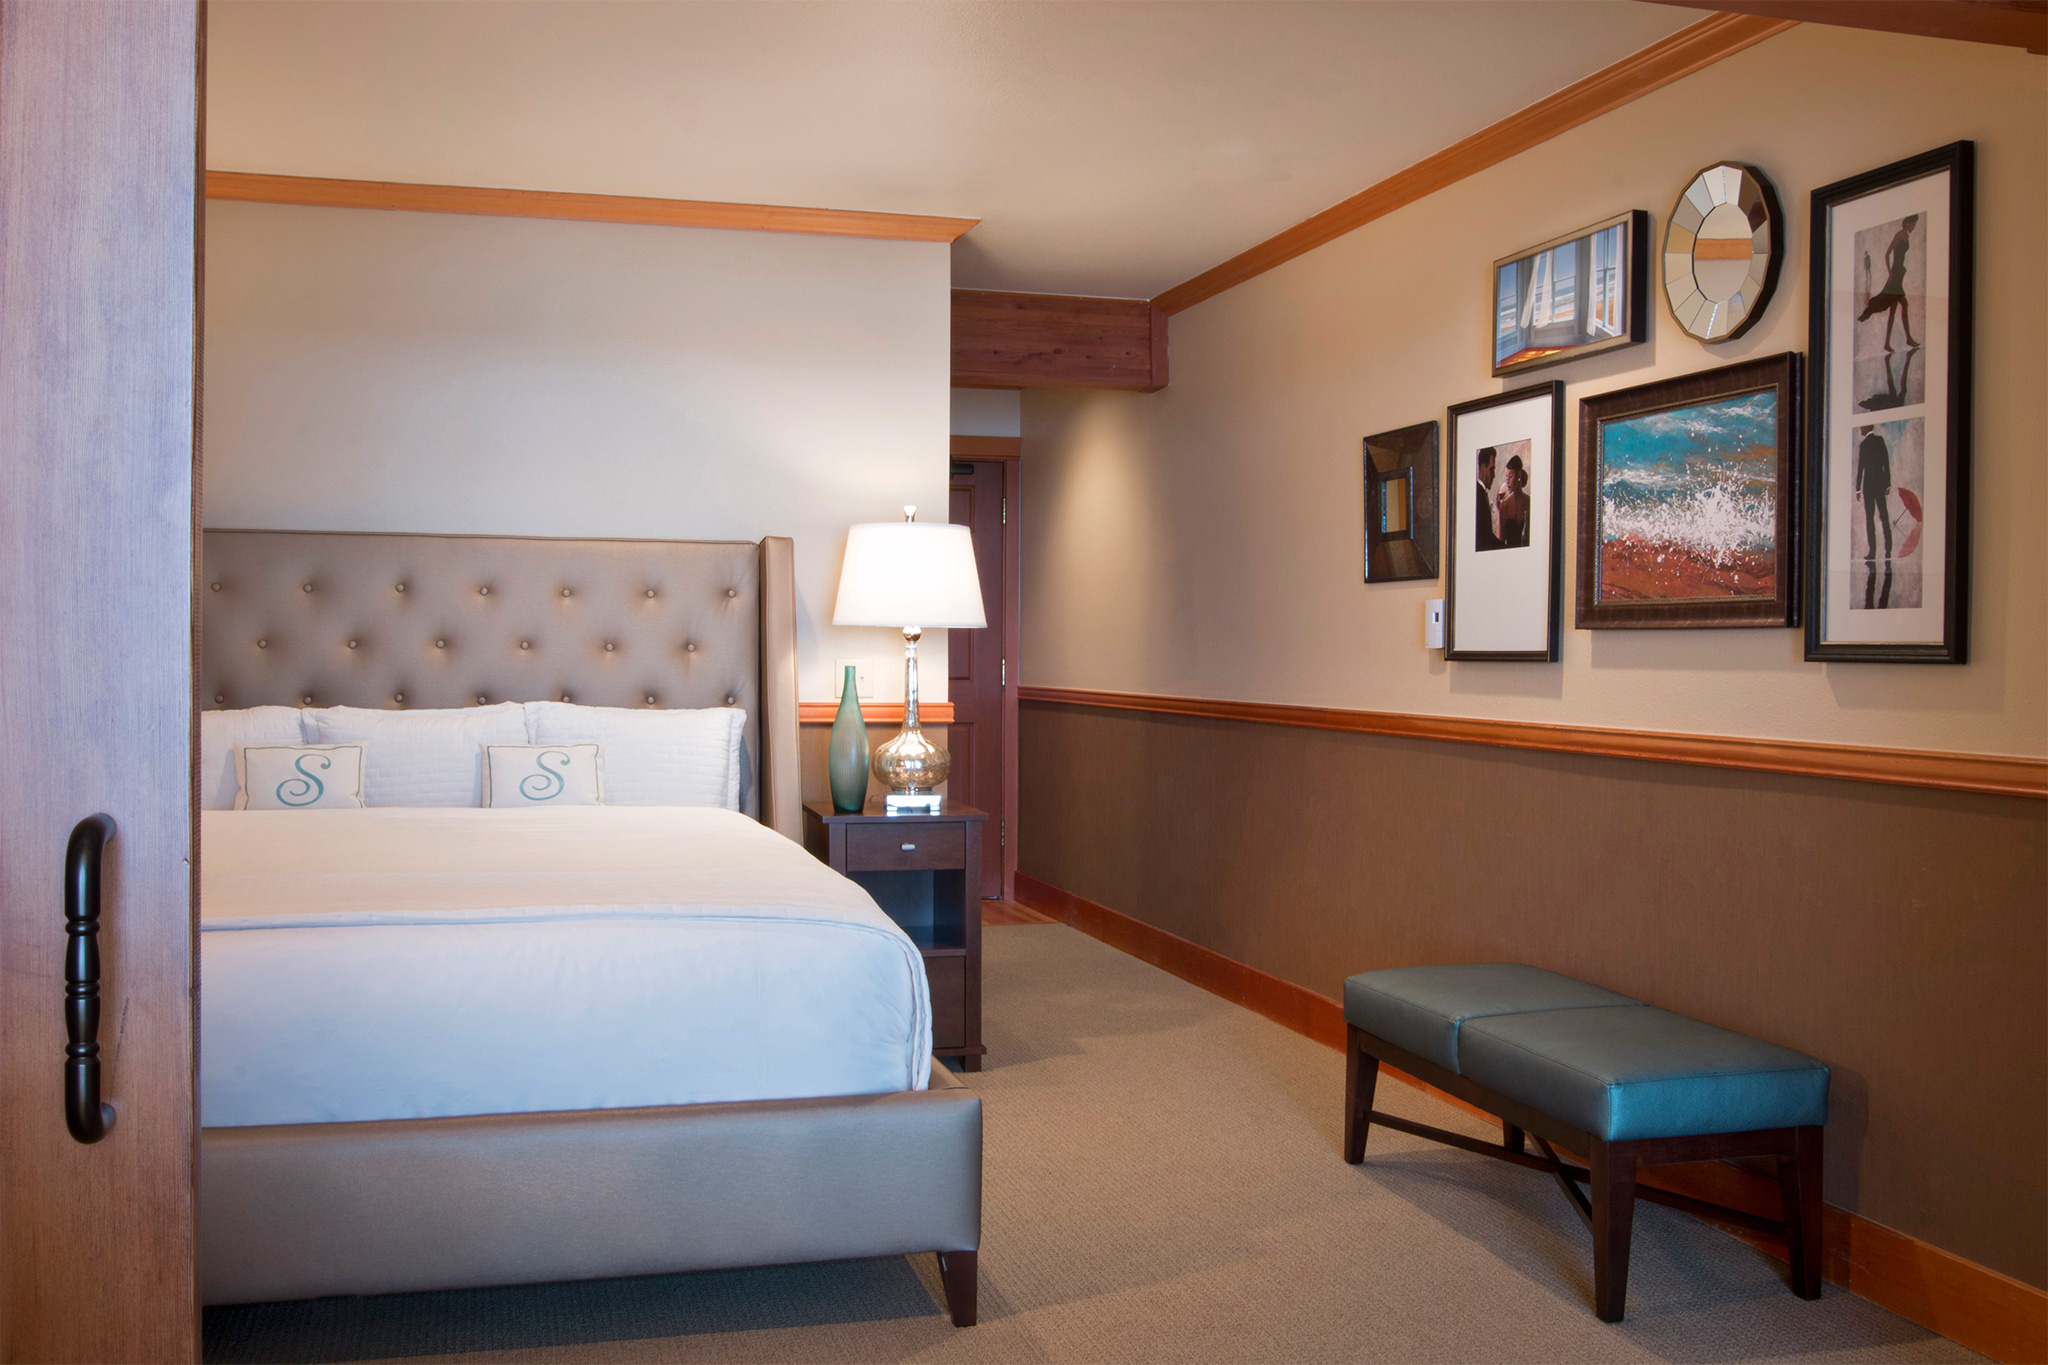 Dormer Room oceanfront dormer room - stephanie inn - oceanfront hotel in